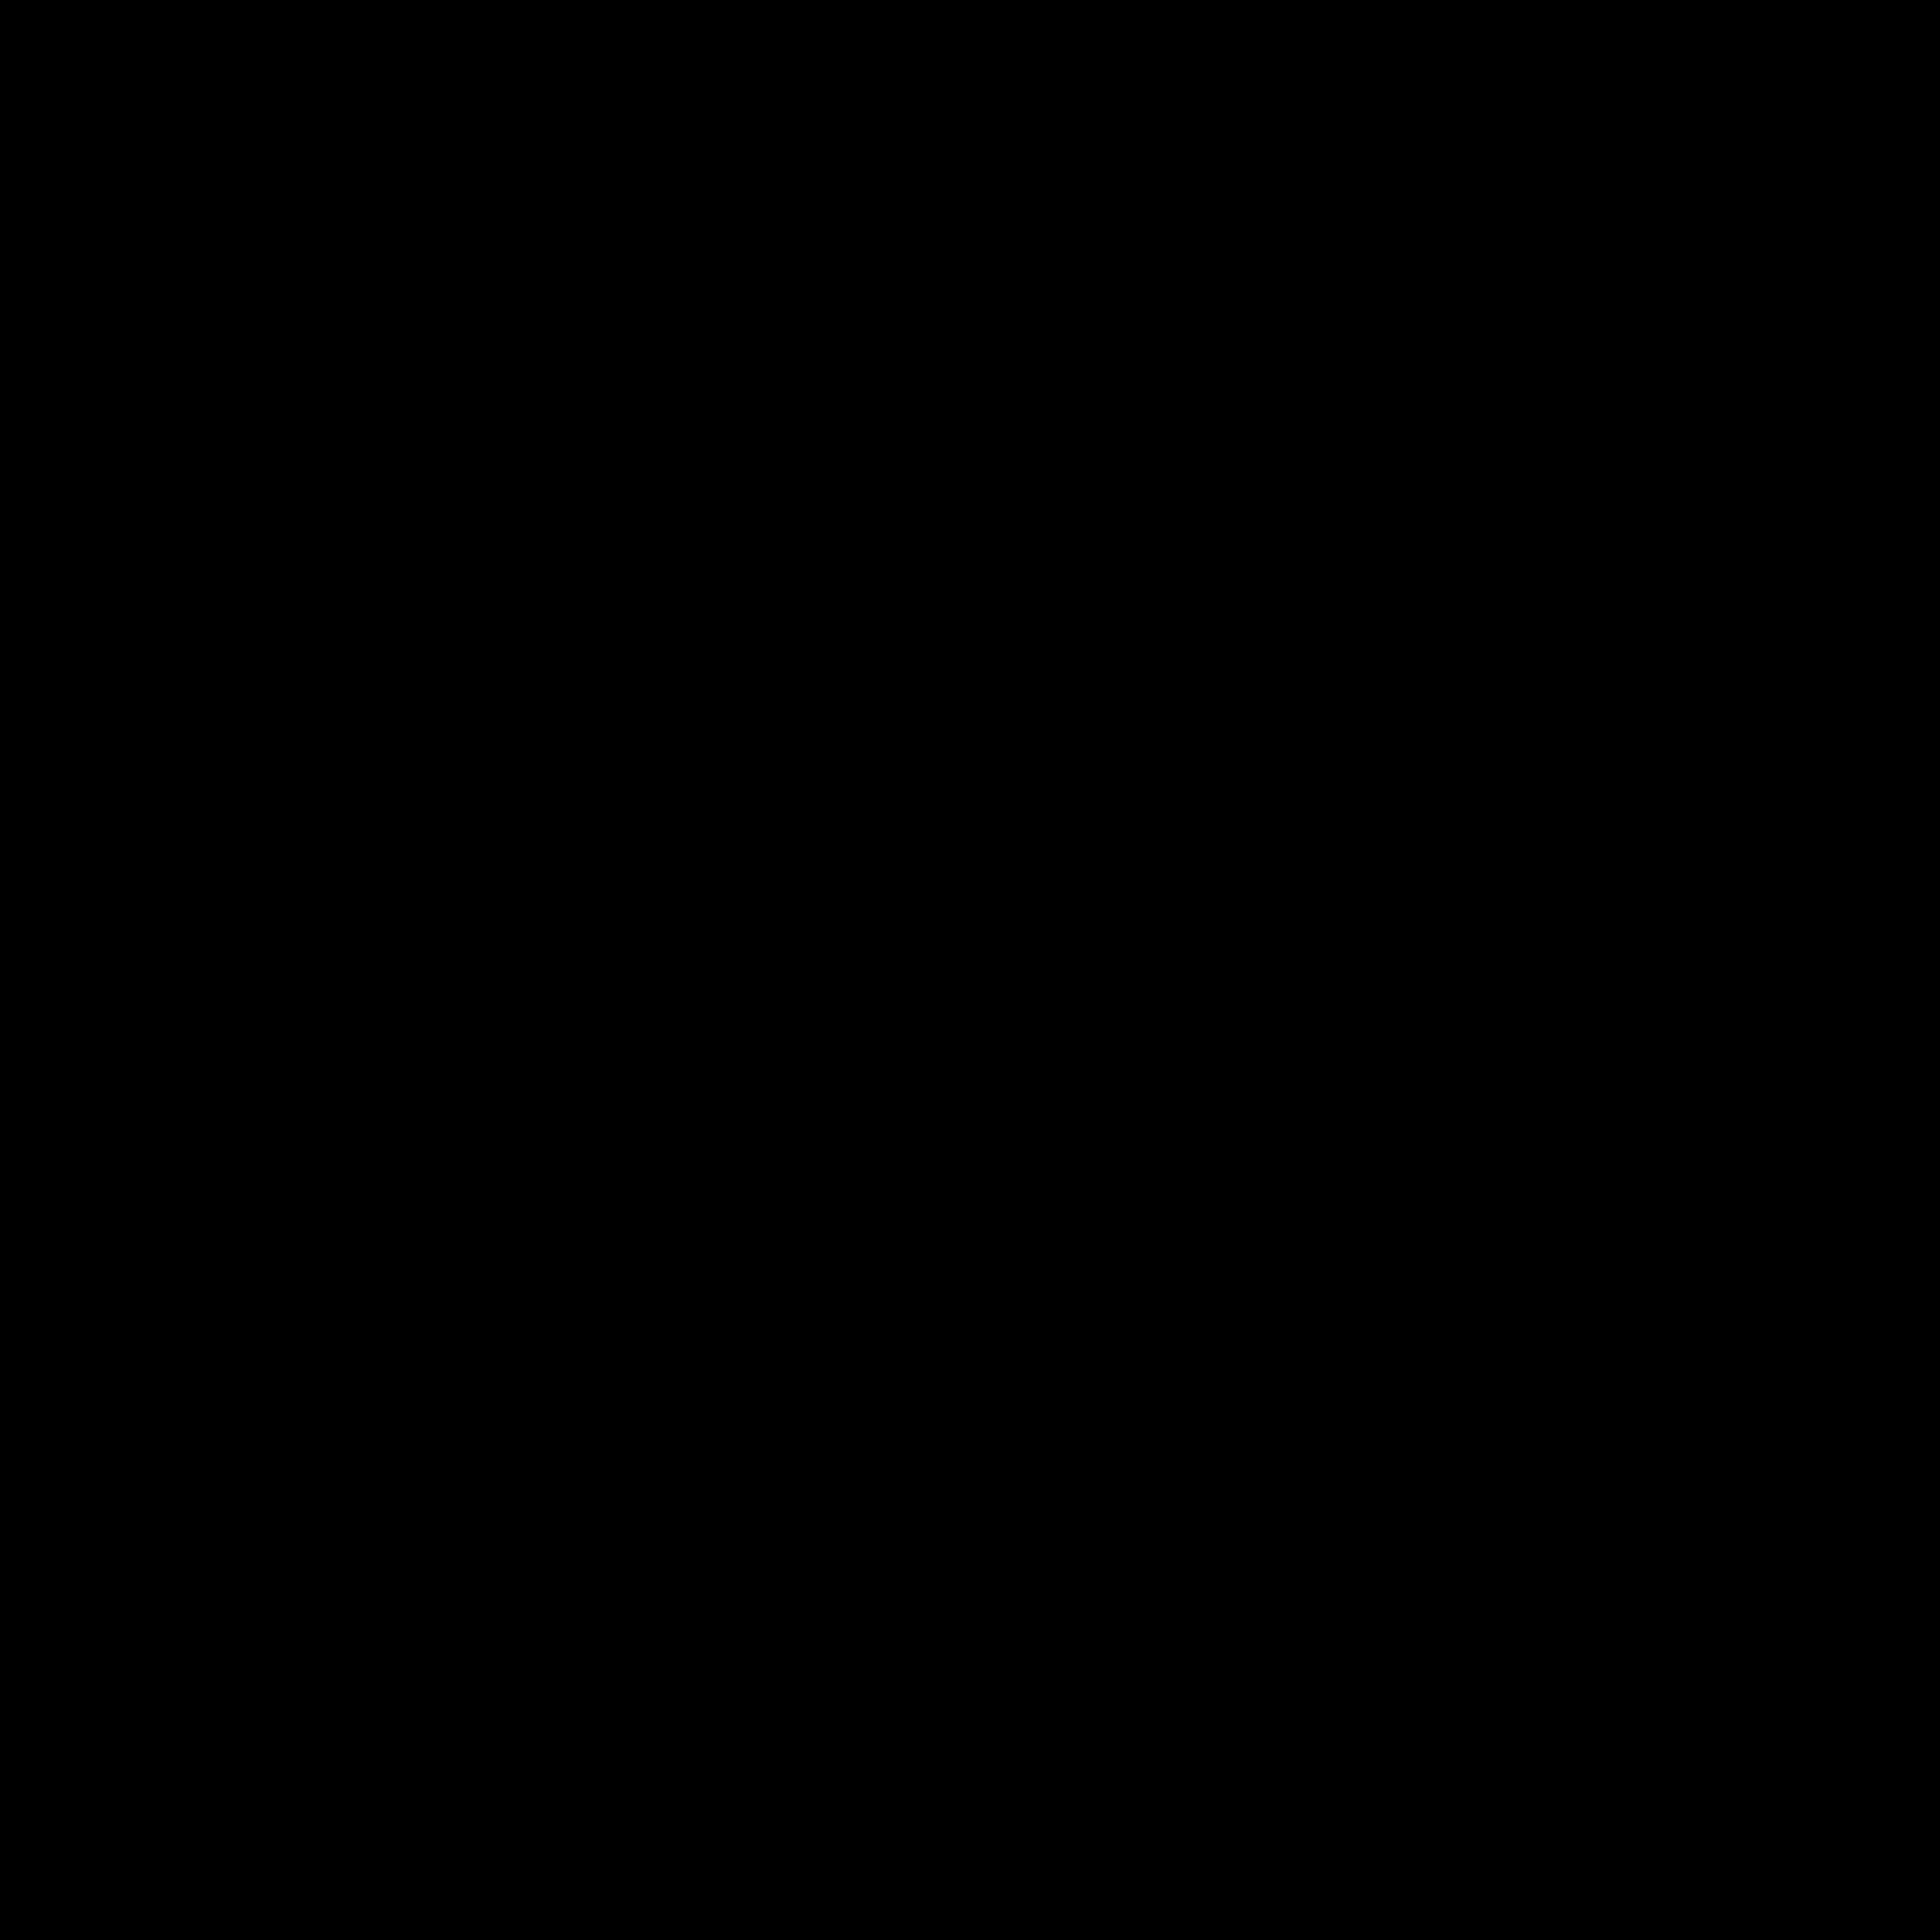 Карта детализированная